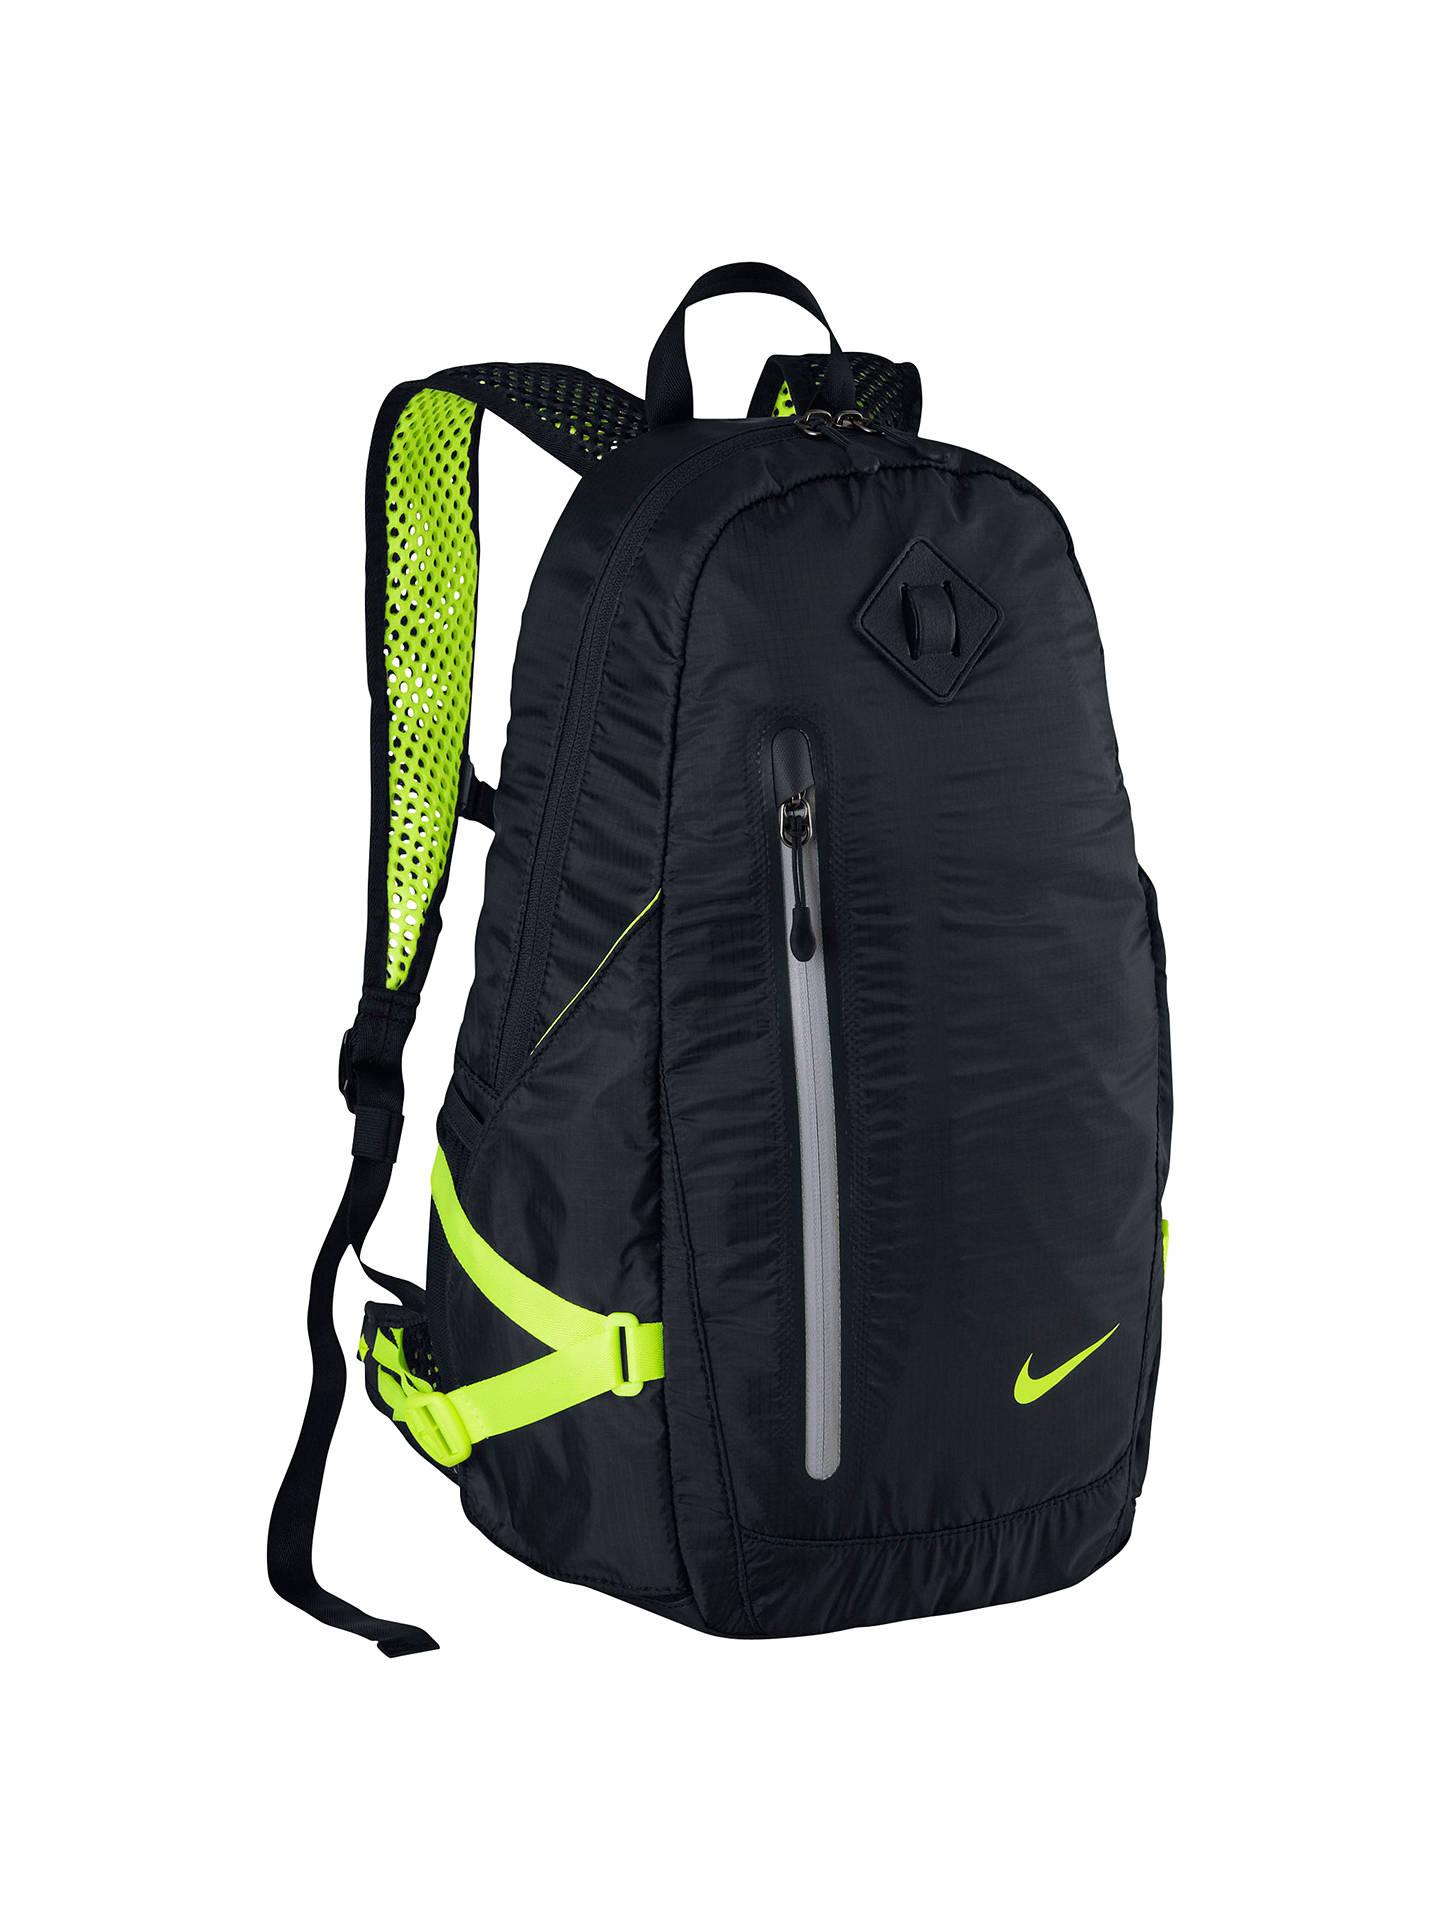 6120588ac Buy Nike Vapor Lite Running Backpack